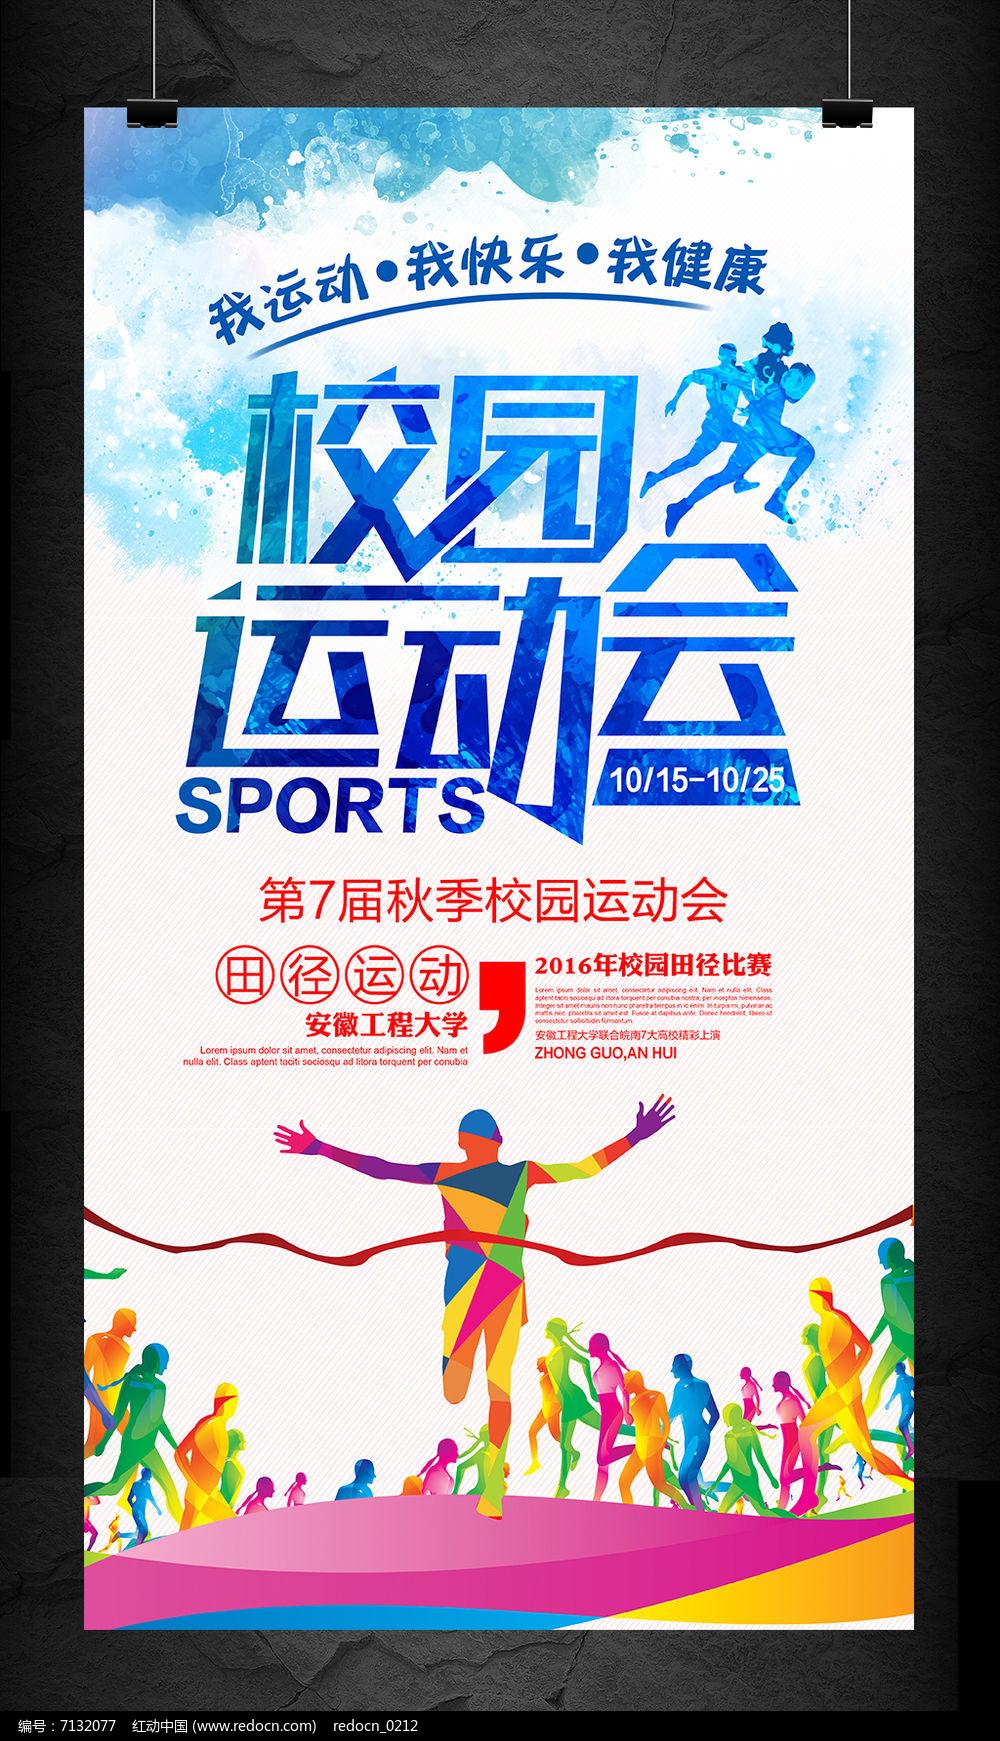 大学生校园秋季田径运动会活动海报